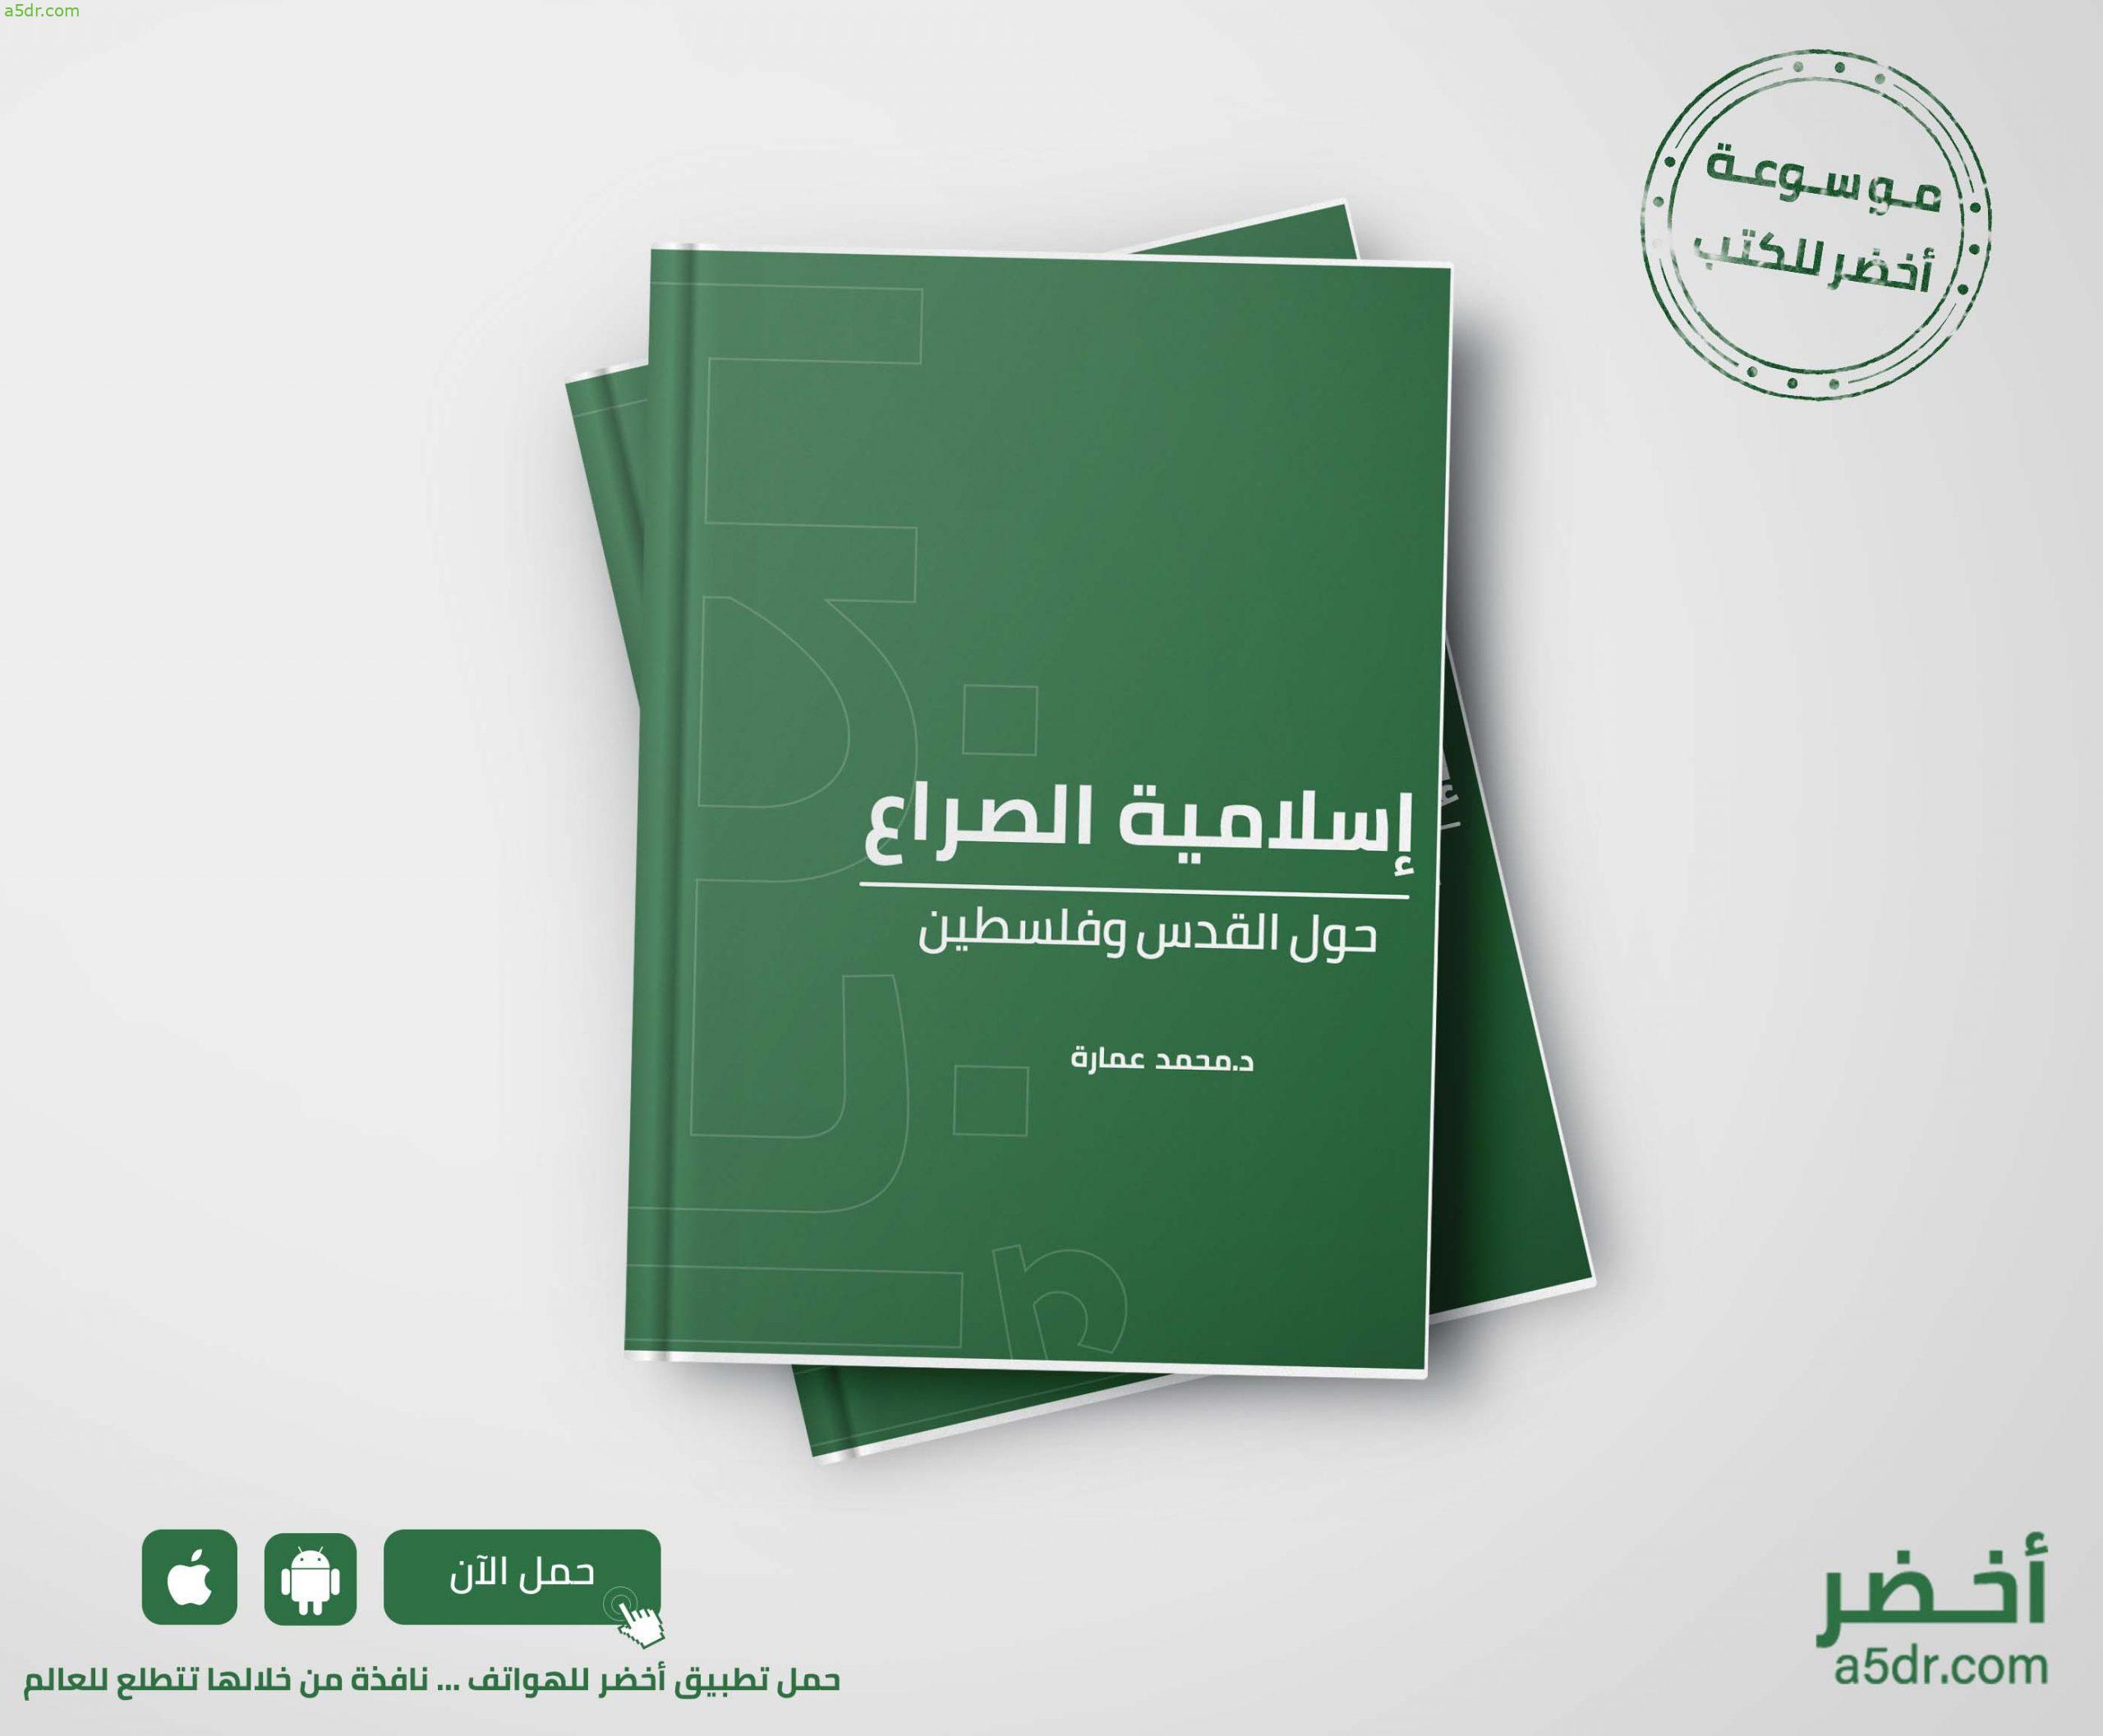 كتاب إسلامية الصراع حول القدس وفلسطين - محمد عمارة